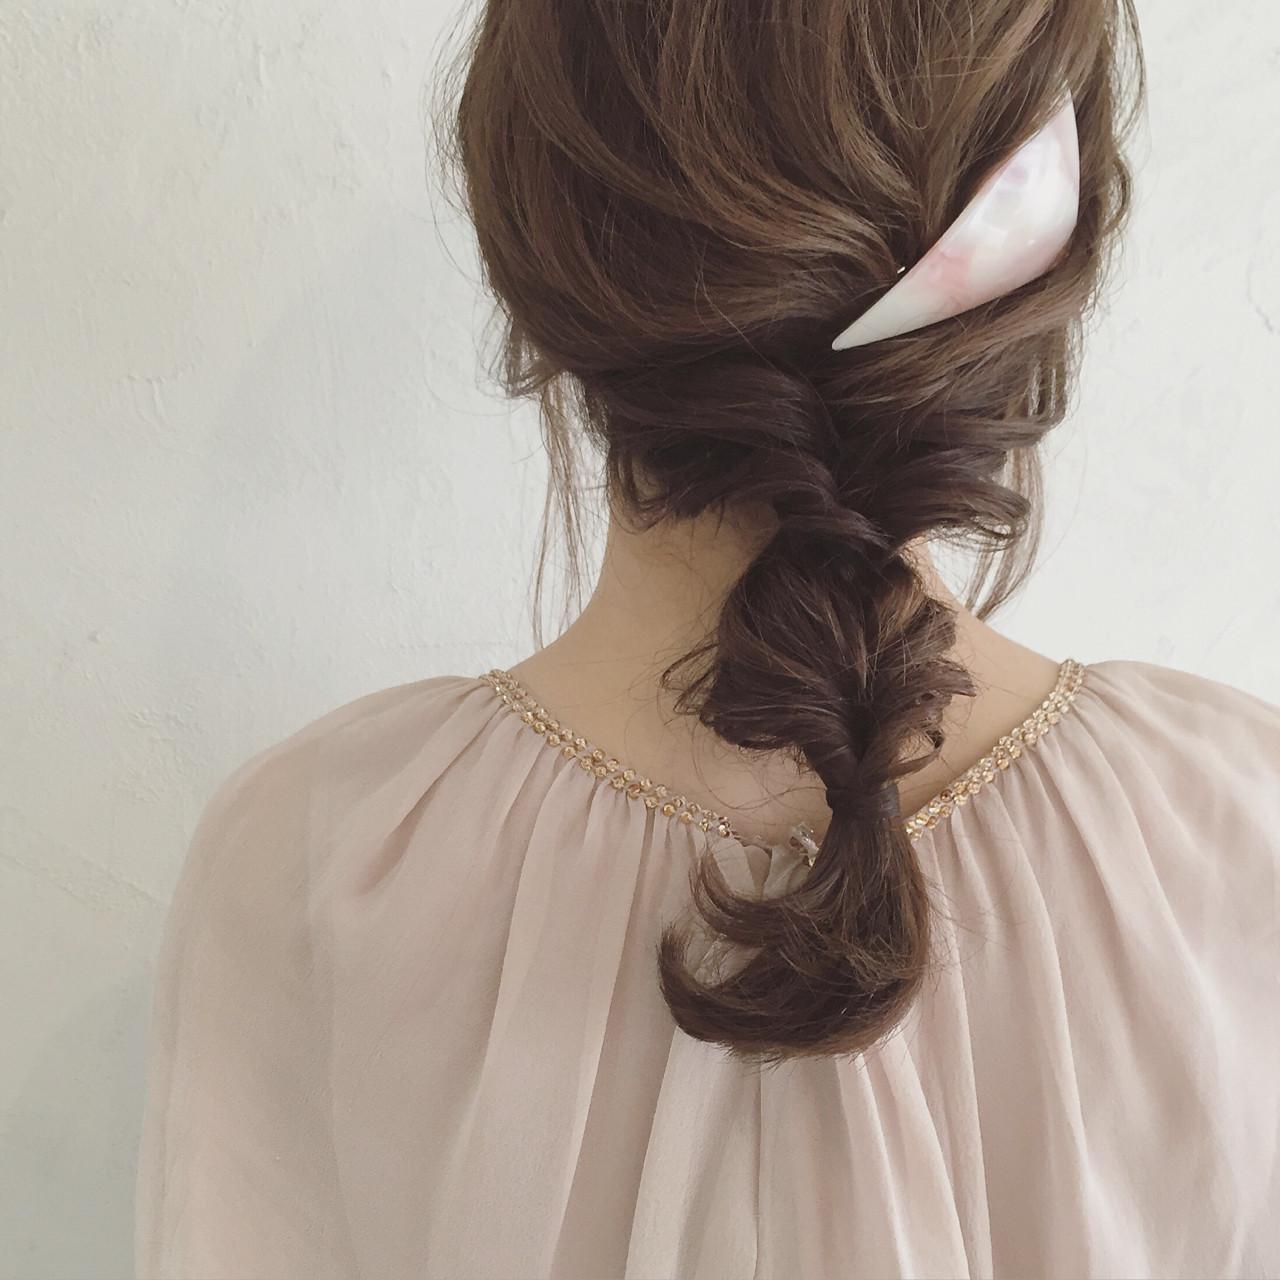 セミロング ヘアアレンジ ショート 三つ編み ヘアスタイルや髪型の写真・画像